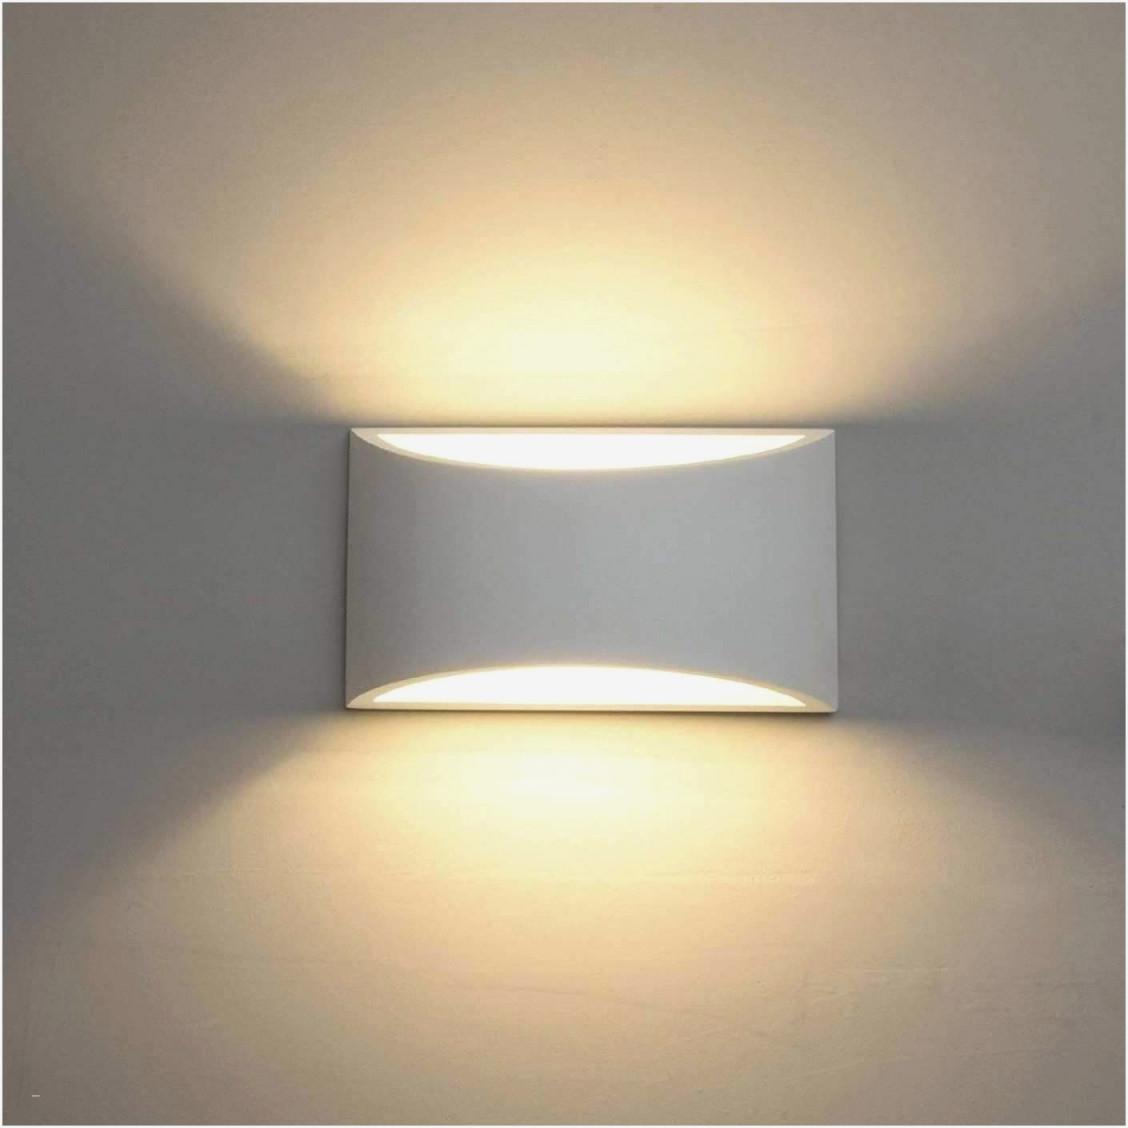 Lampen Wohnzimmer Gnstig Weiss  Wohnzimmer  Traumhaus von Wohnzimmer Lampe Weiß Bild